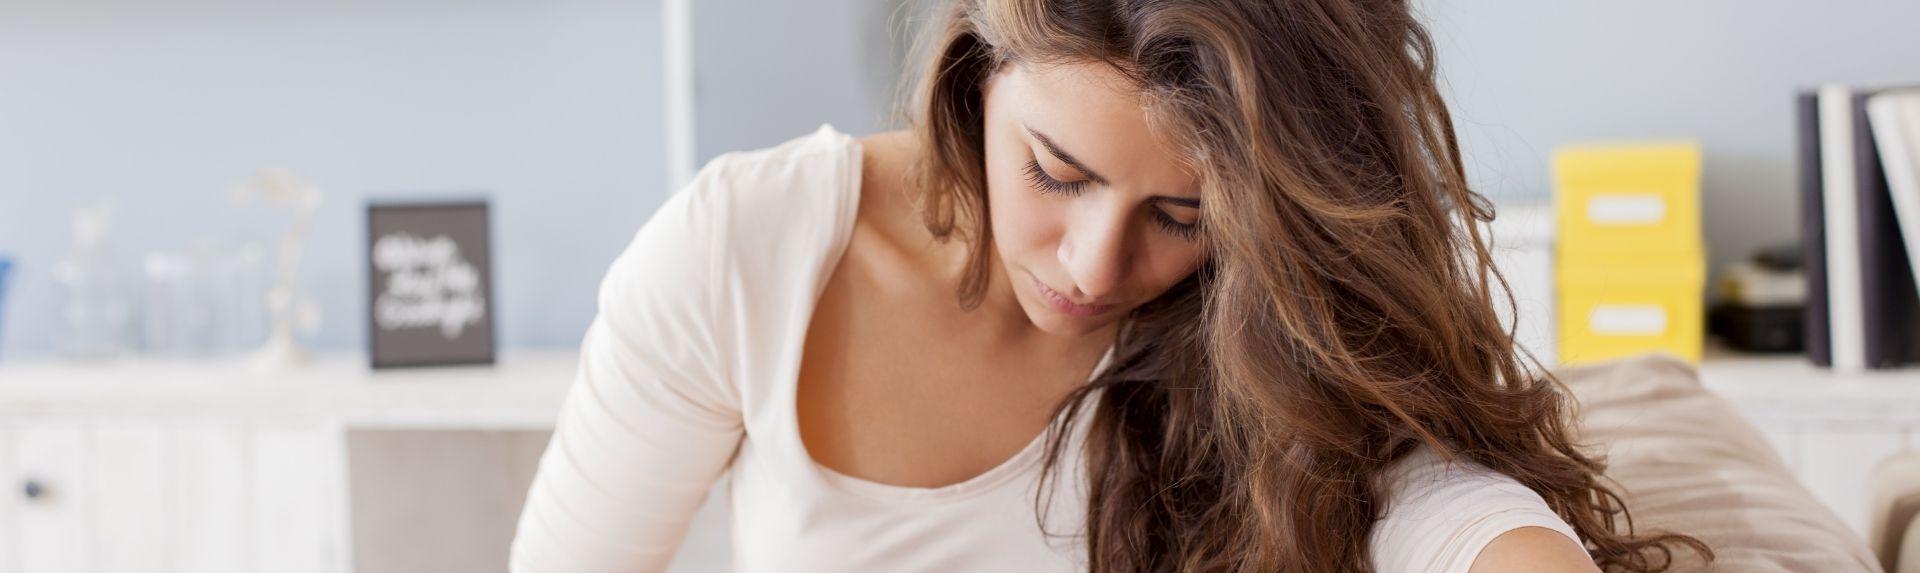 Менструация: когда стоит беспокоиться